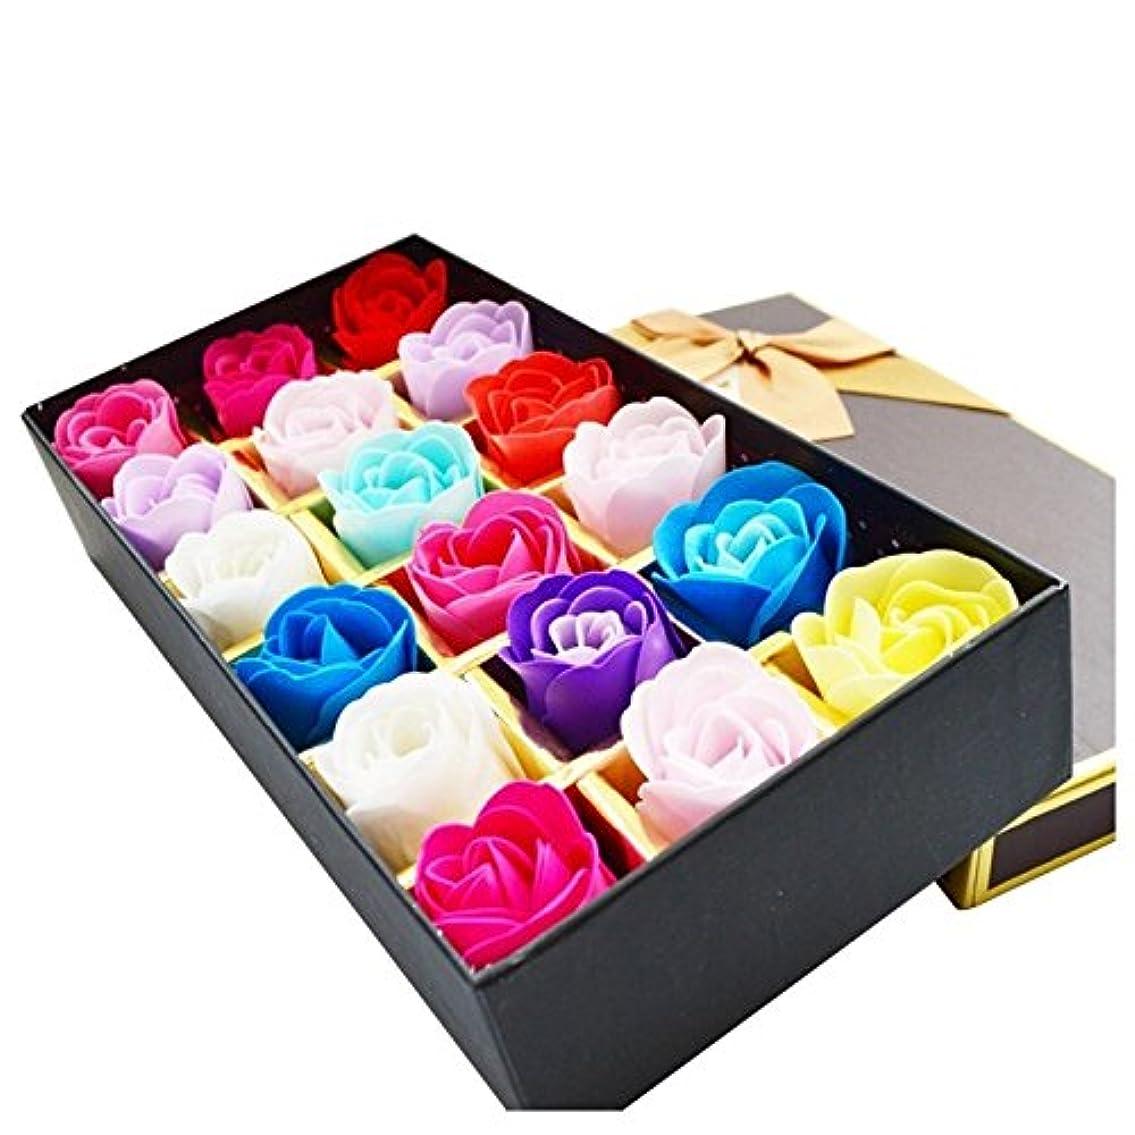 ワーディアンケース廃止バンローズ フラワーソープ 石鹸 薔薇 プレゼント お祝い ③ #335